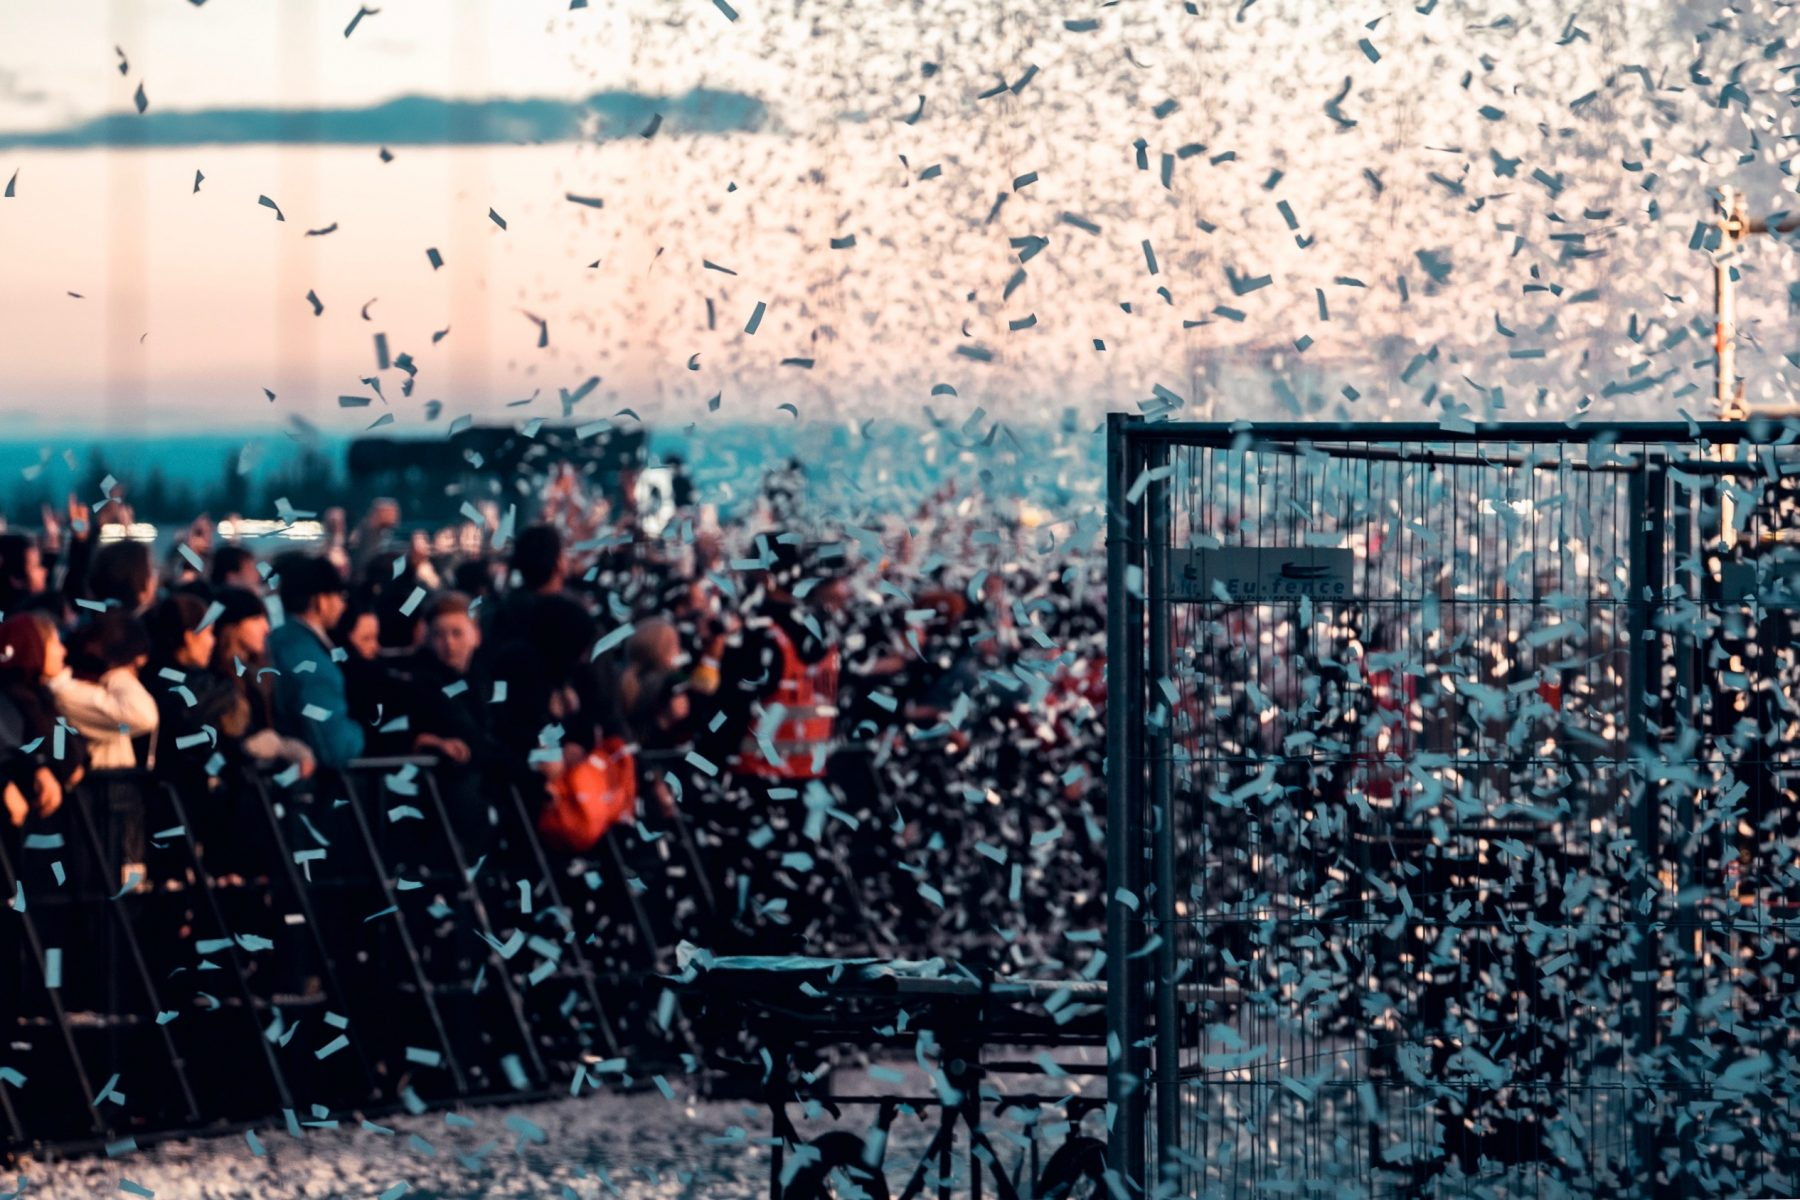 BLACKBIRD Ind. Bochum - Rockstar Energy, Rock am Ring Festival